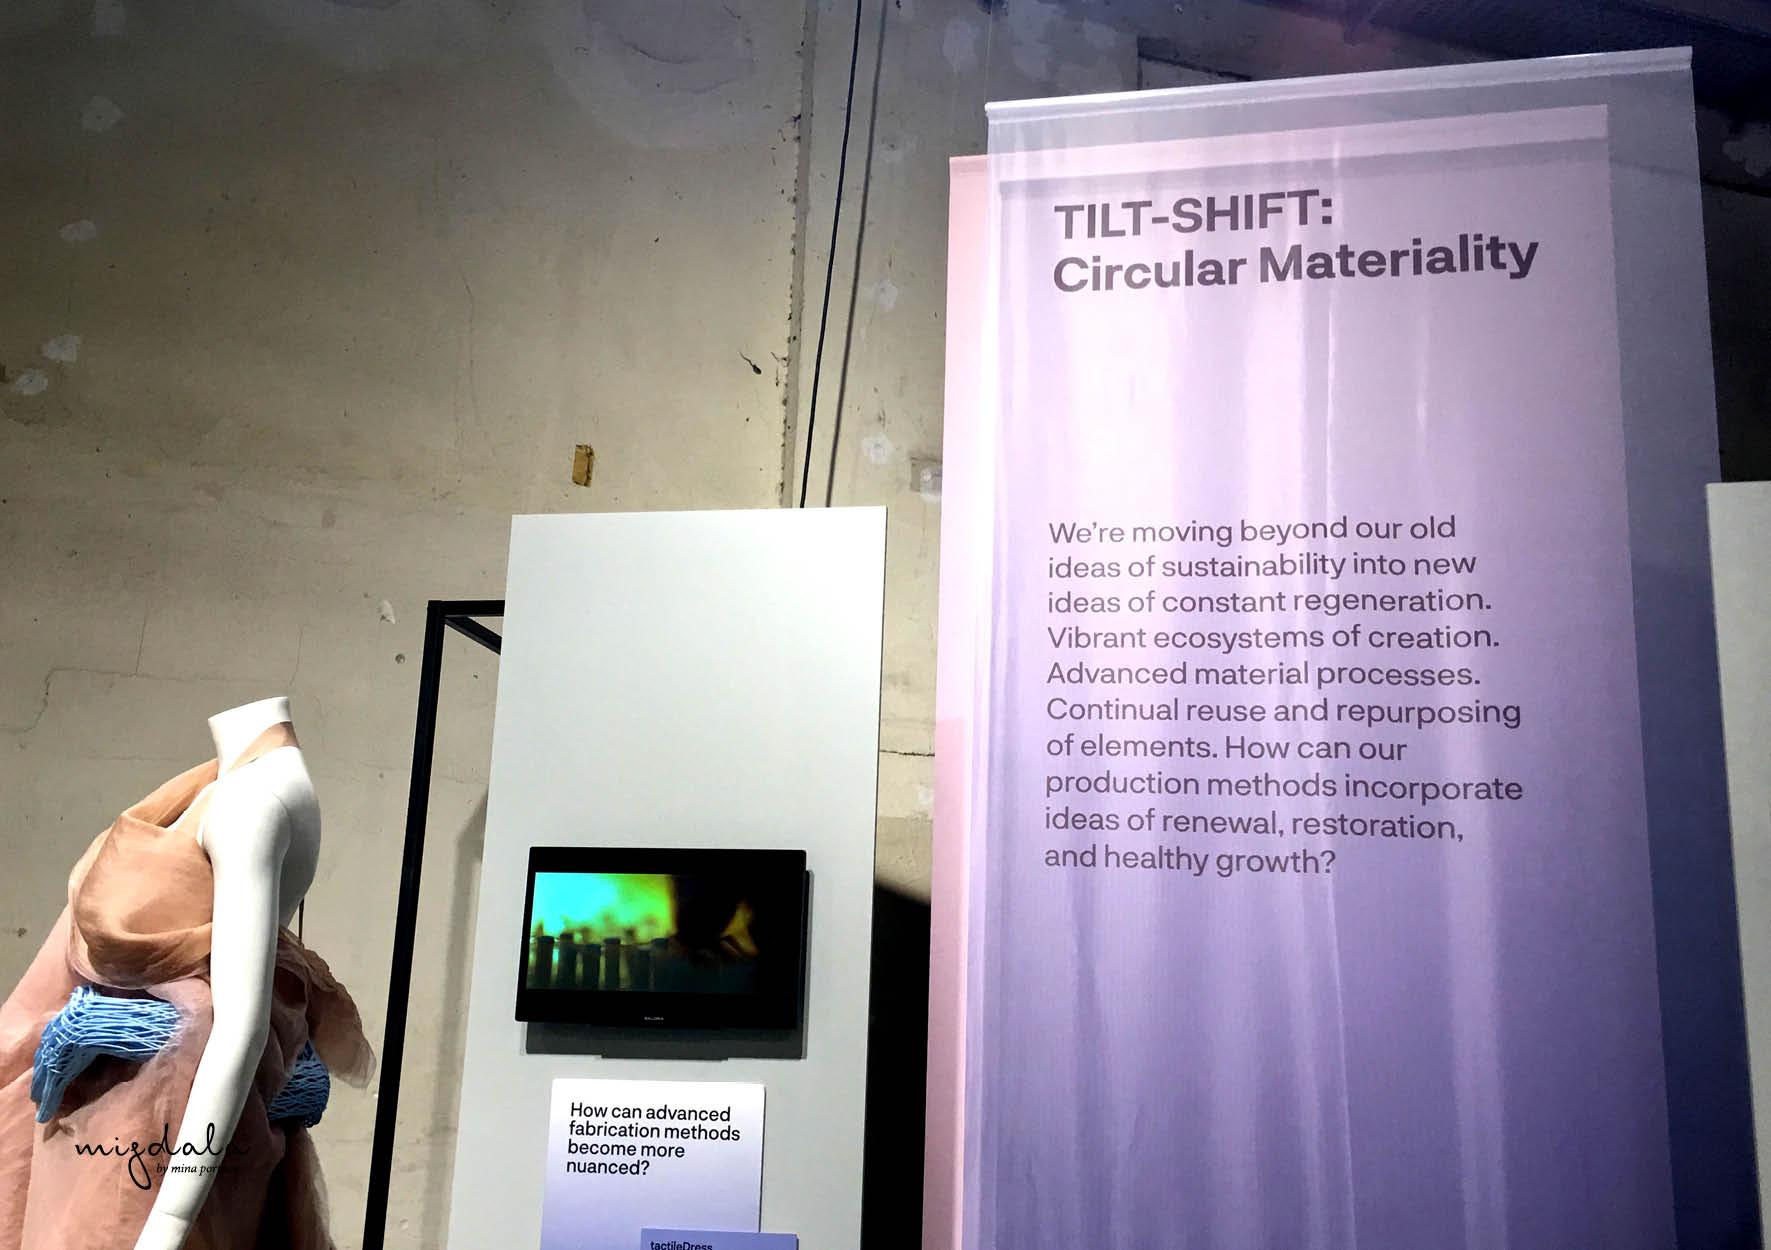 Shit - Reframing Futures, שבוע העיצוב איינדהובן 2019, Migdala Blog